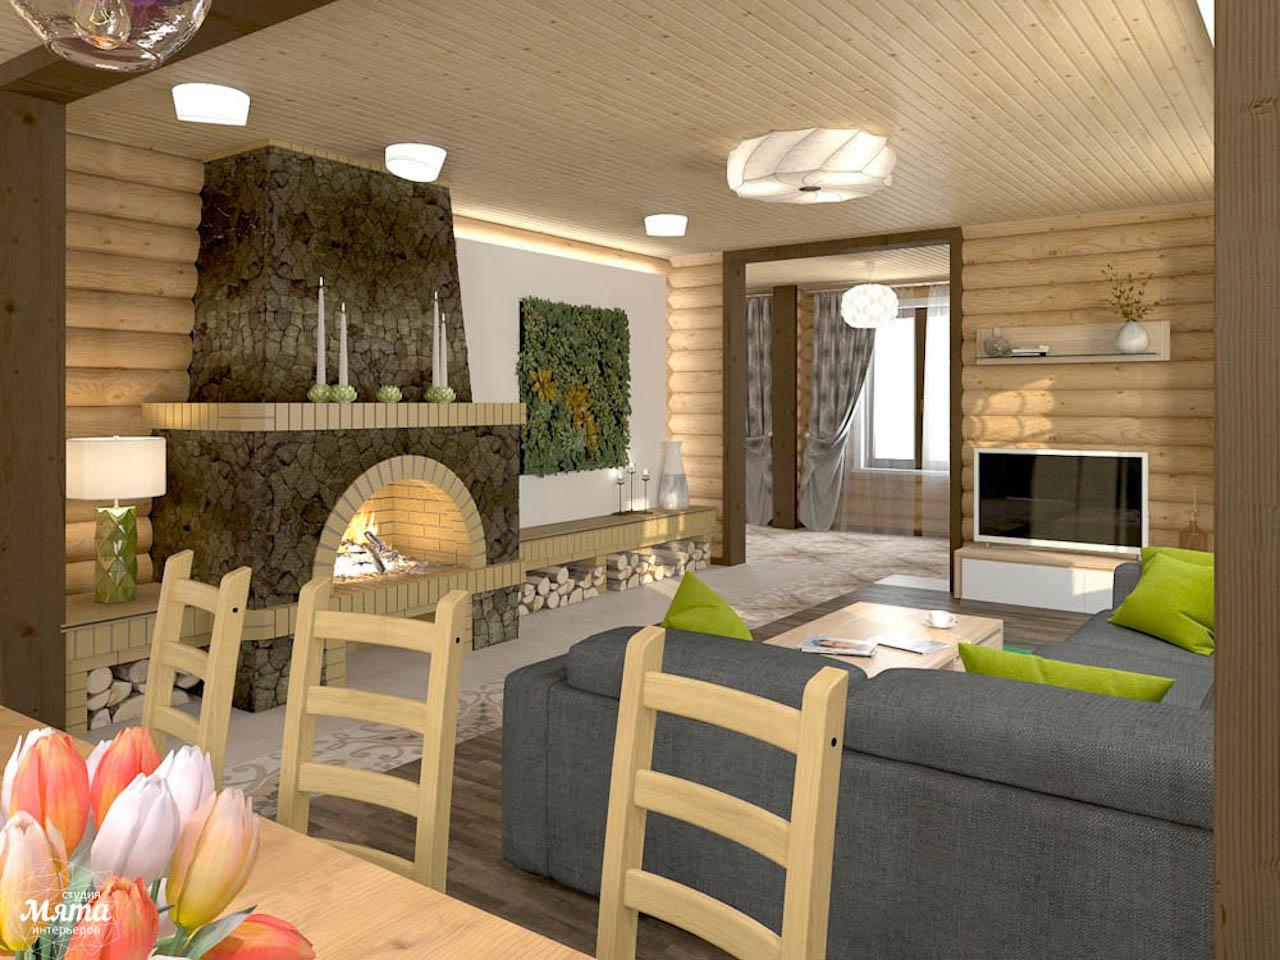 Дизайн интерьера коттеджа в п. В. Сысерть  img433049954